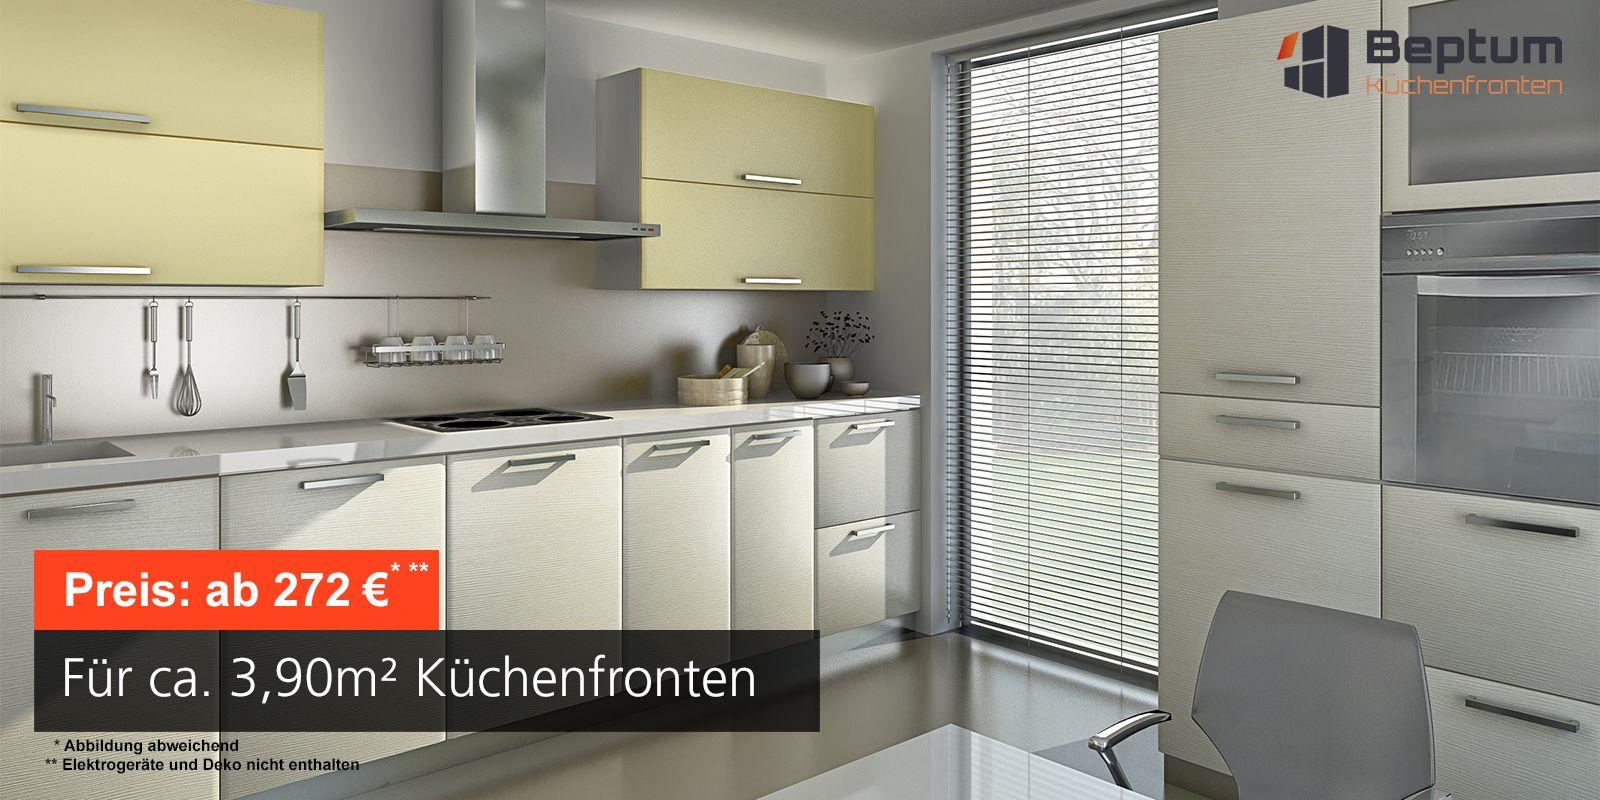 Beliebt Küchenfronten nach Maß - direkt vom Hersteller Beptum PW68